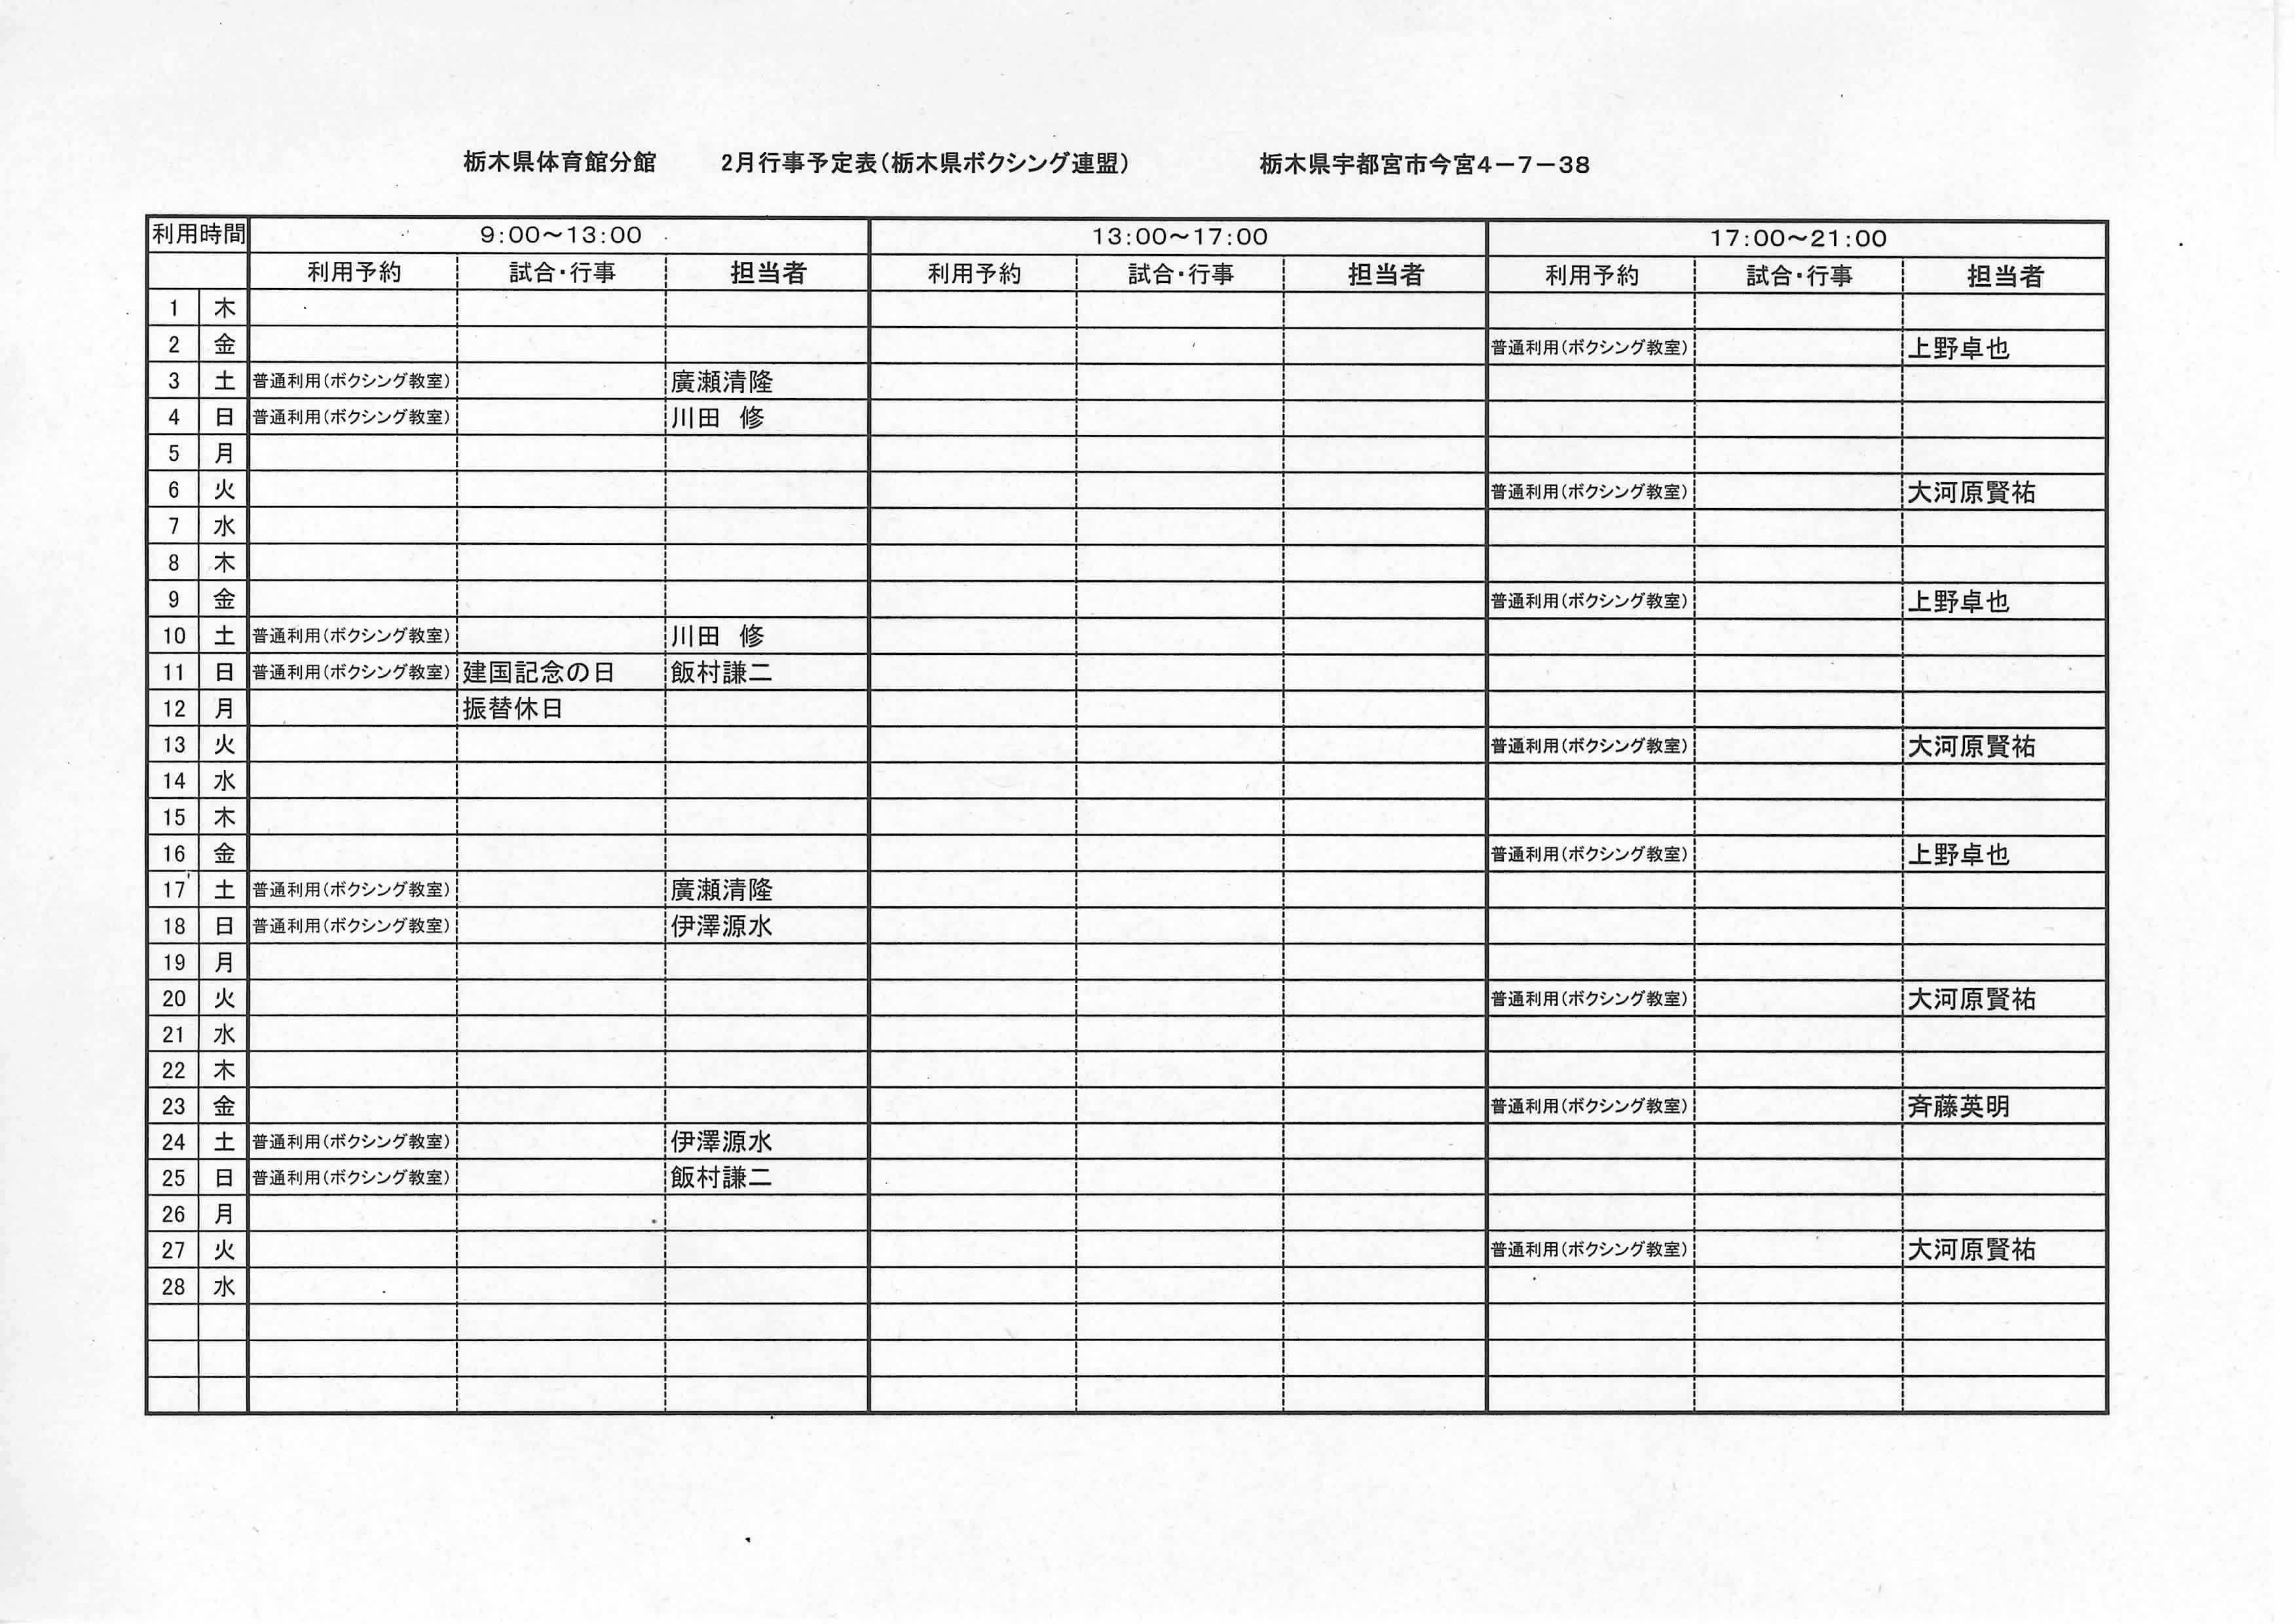 ボクシング分館練習日程2月